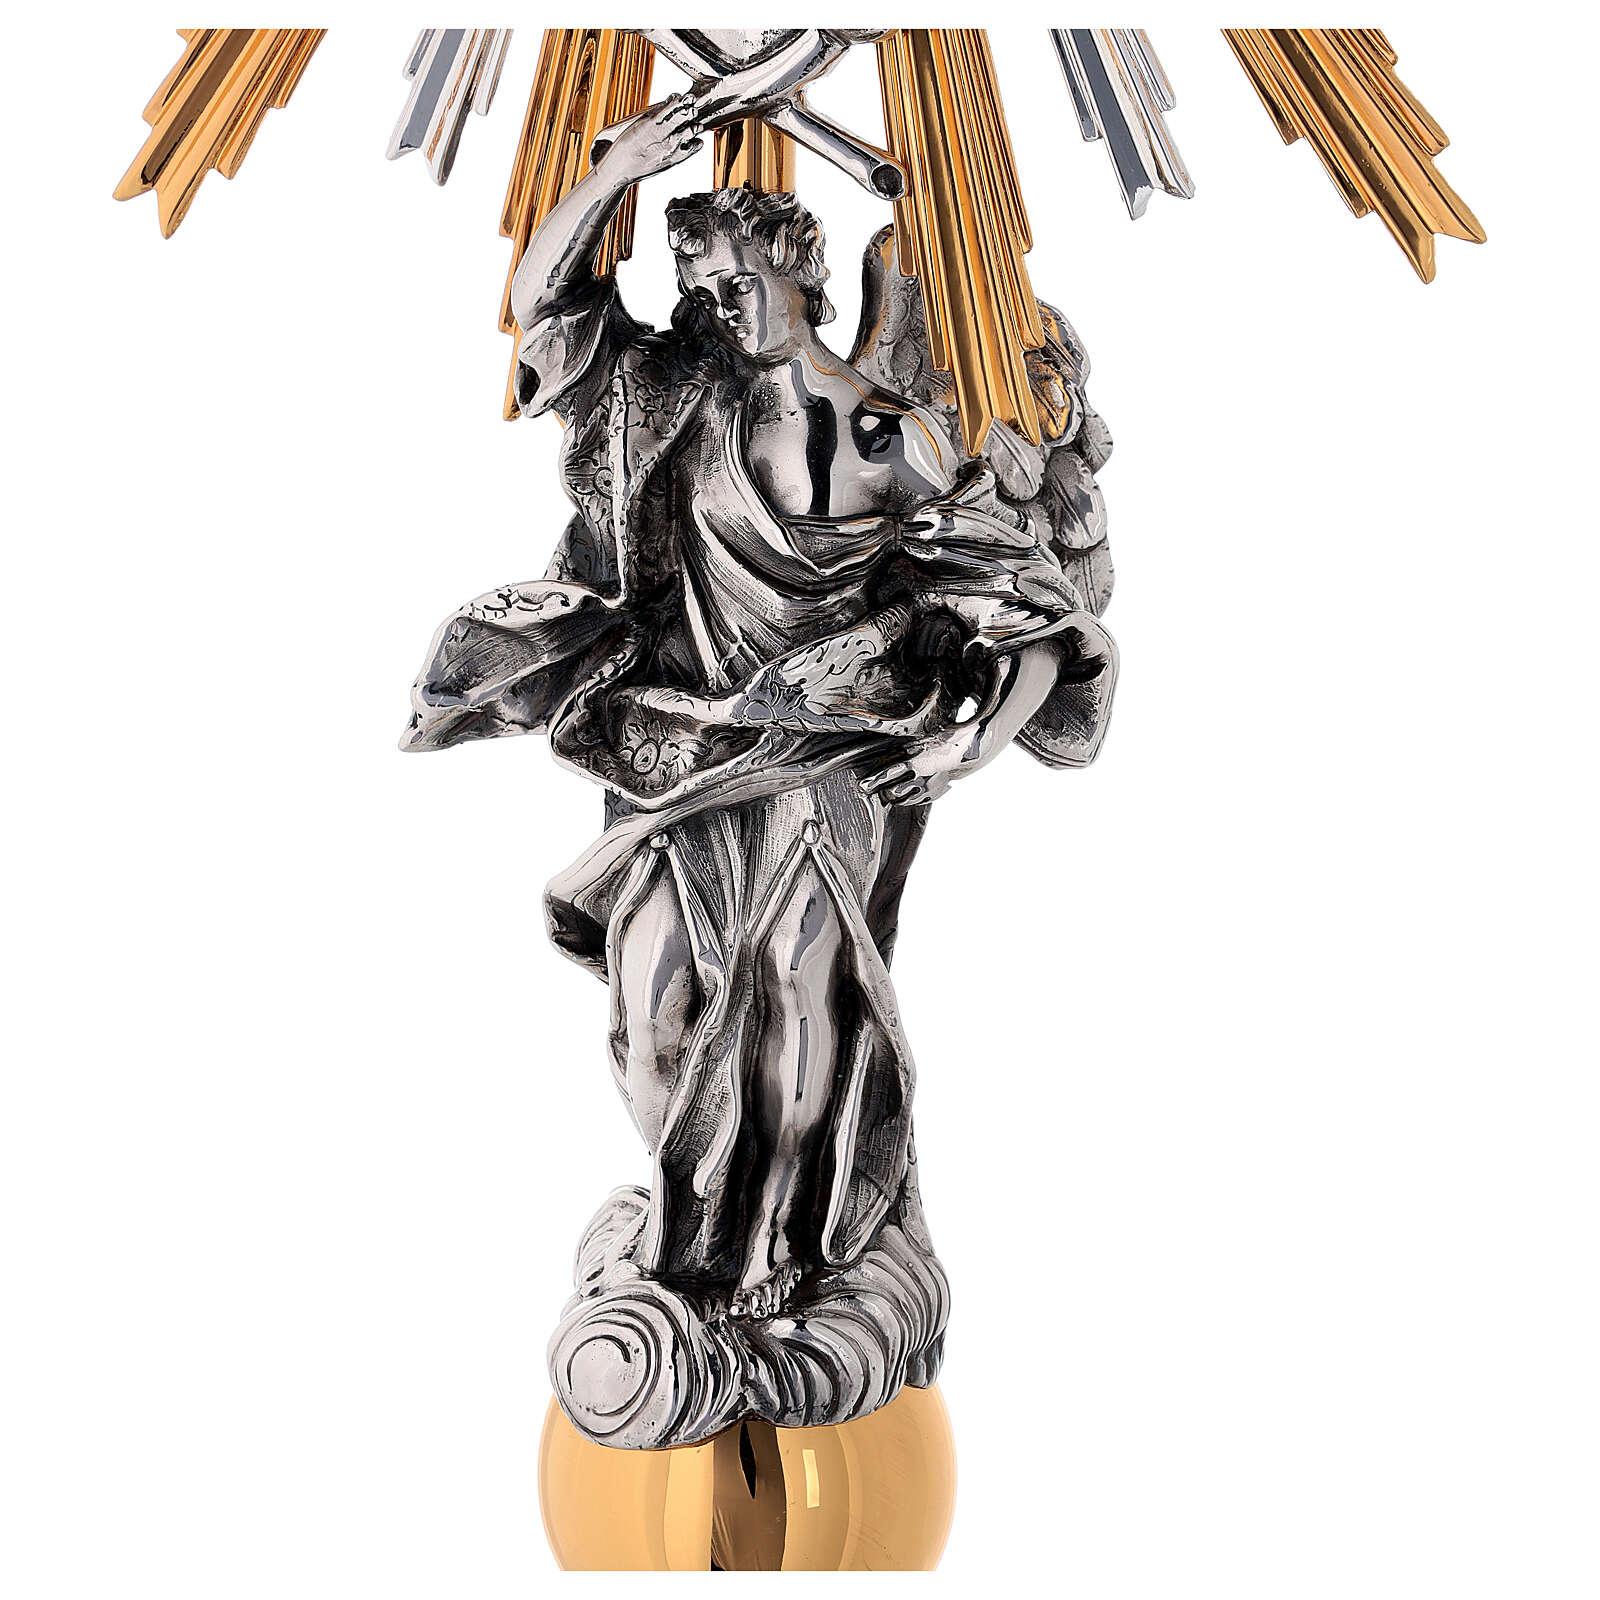 Custodia latón Swarovski estilo barroco con ángel 4